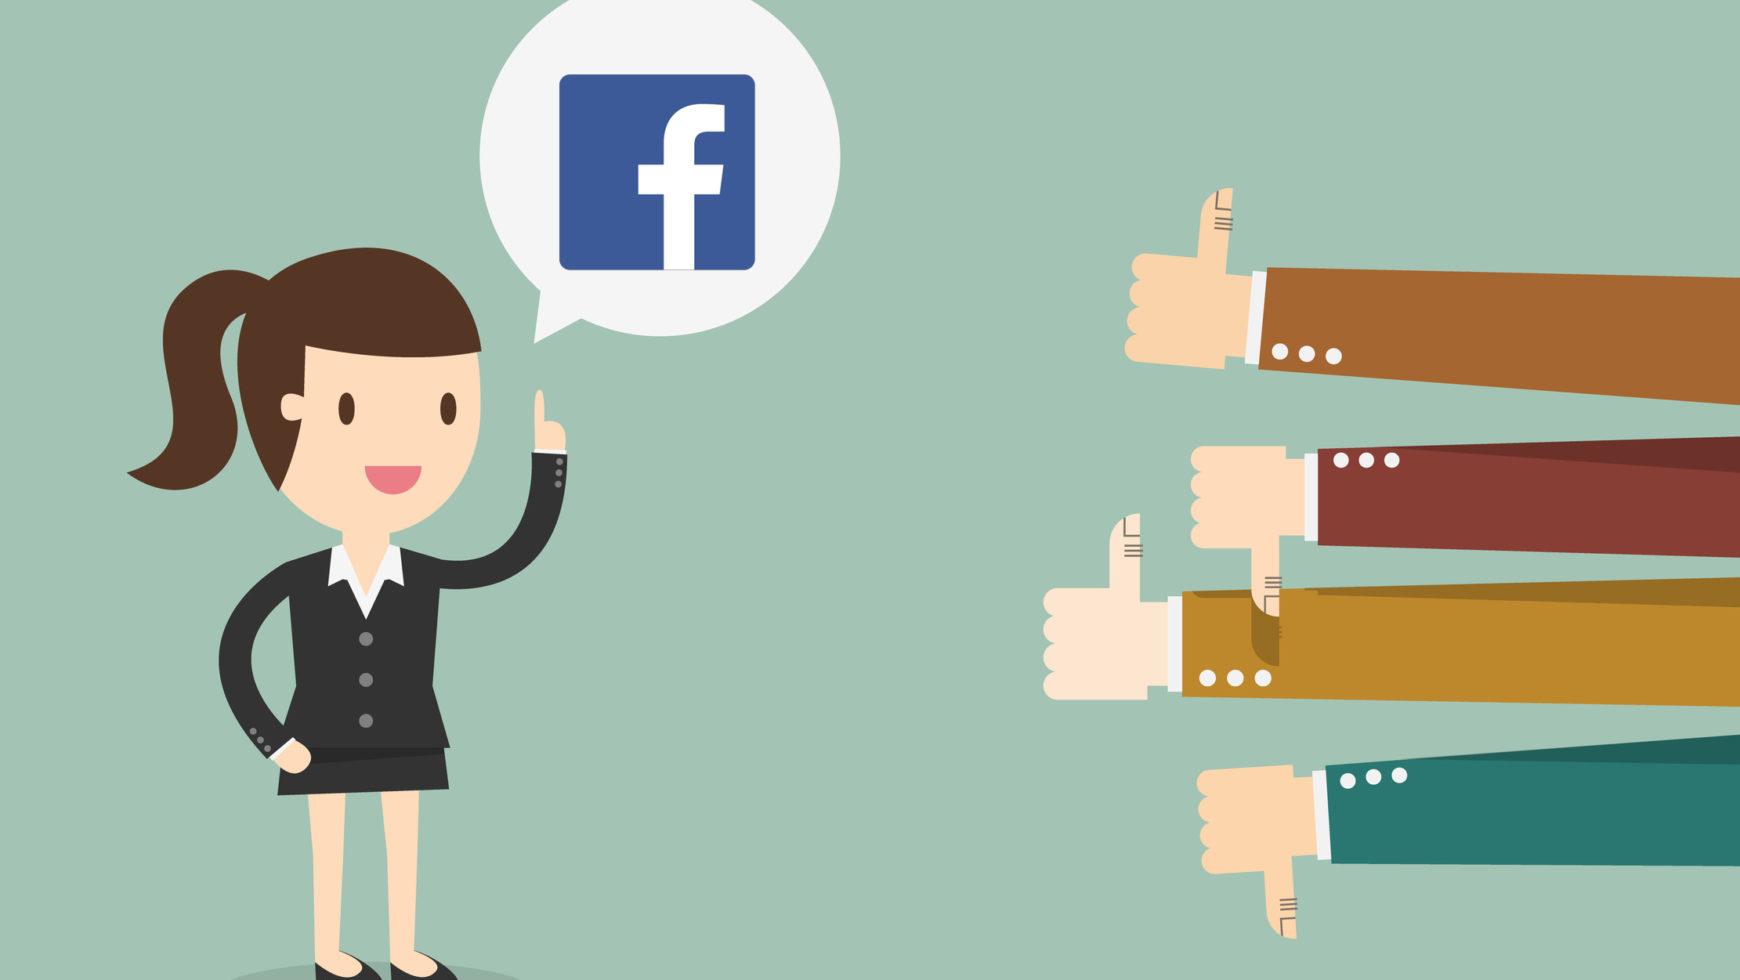 Carrousel Facebook : bien en profiter pour booster son business